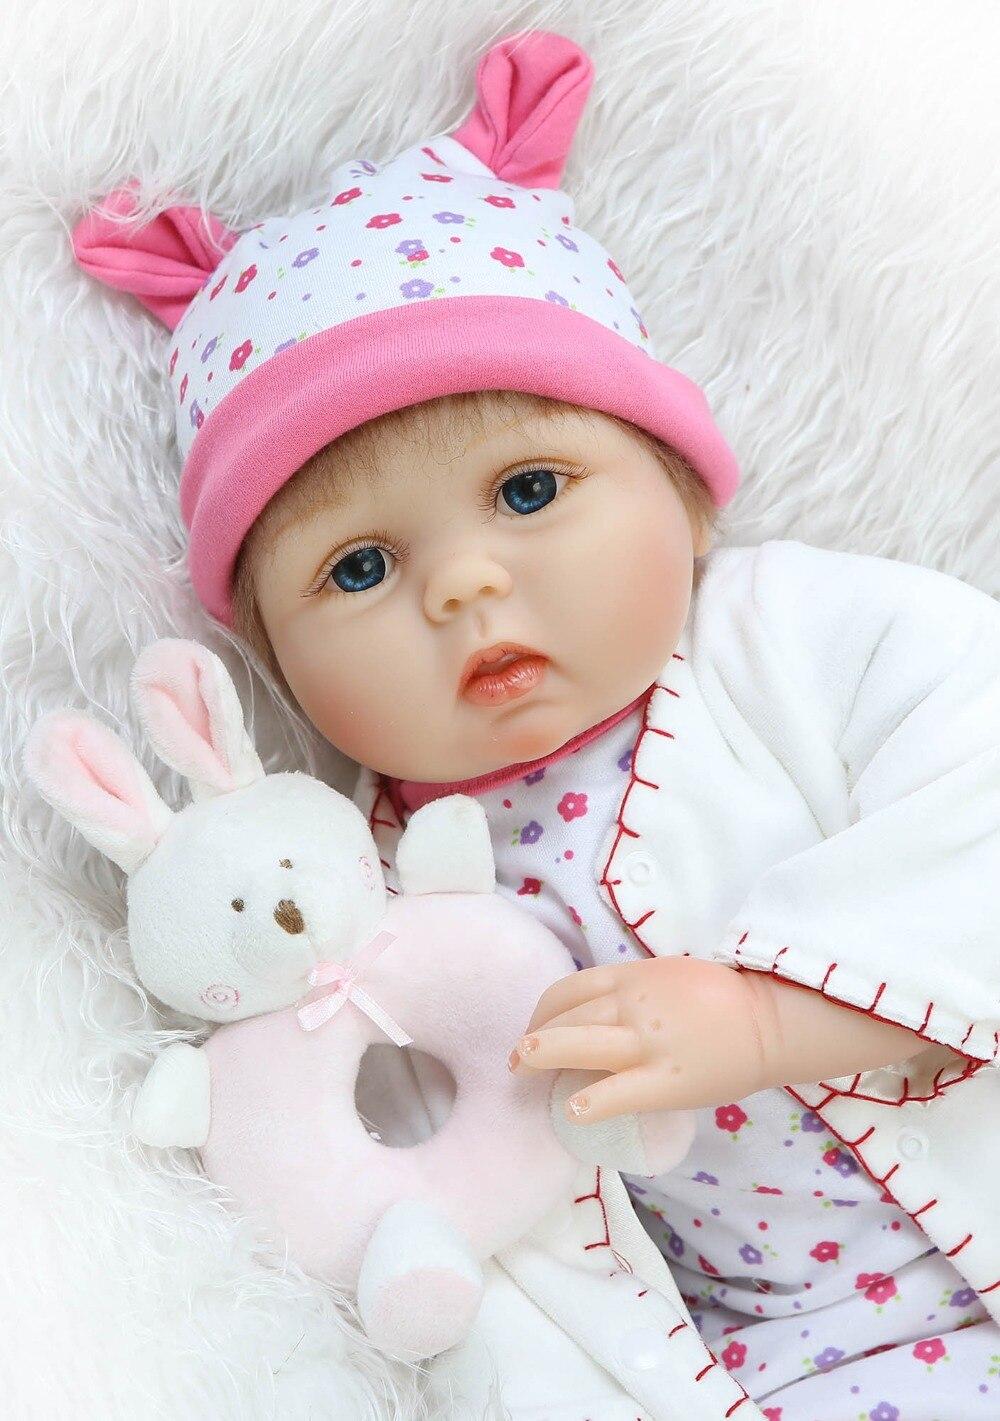 Neues design 55 cm weichem silikon reborn baby doll wurzel mohair puppe mit schmetterling spielen spielzeug für kinder Weihnachten süße baby-in Puppen aus Spielzeug und Hobbys bei  Gruppe 1